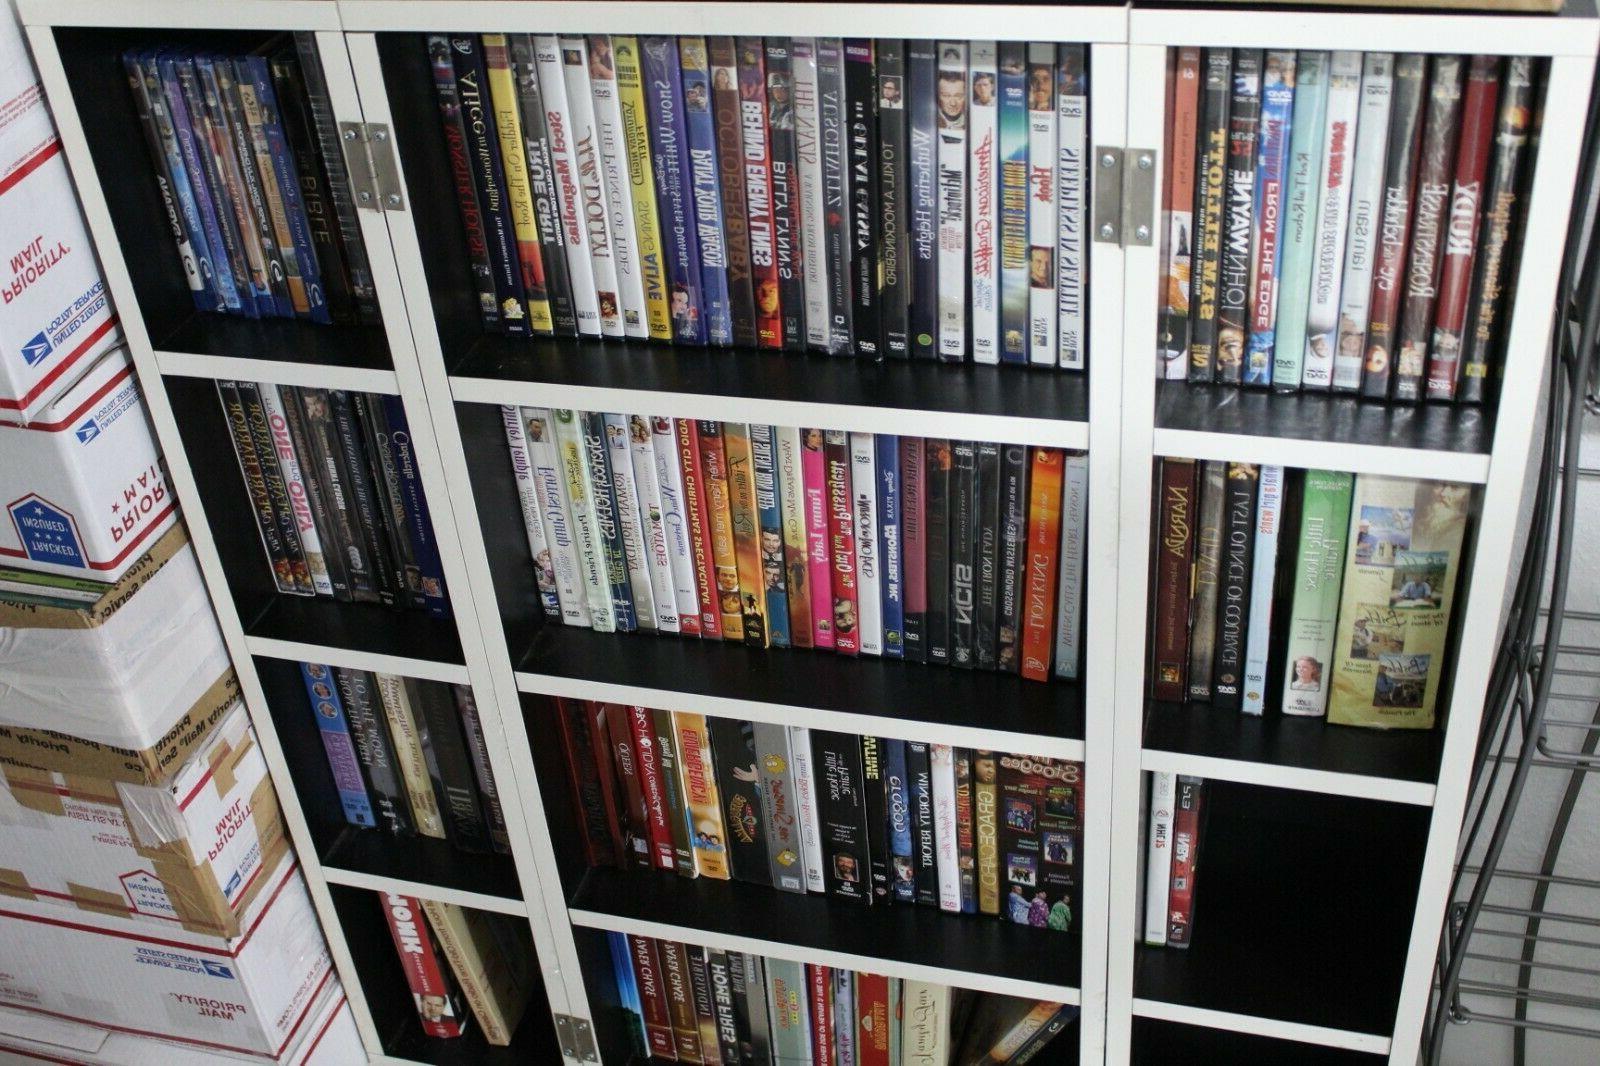 DVD's, YOU BUY SHIPPING -:)